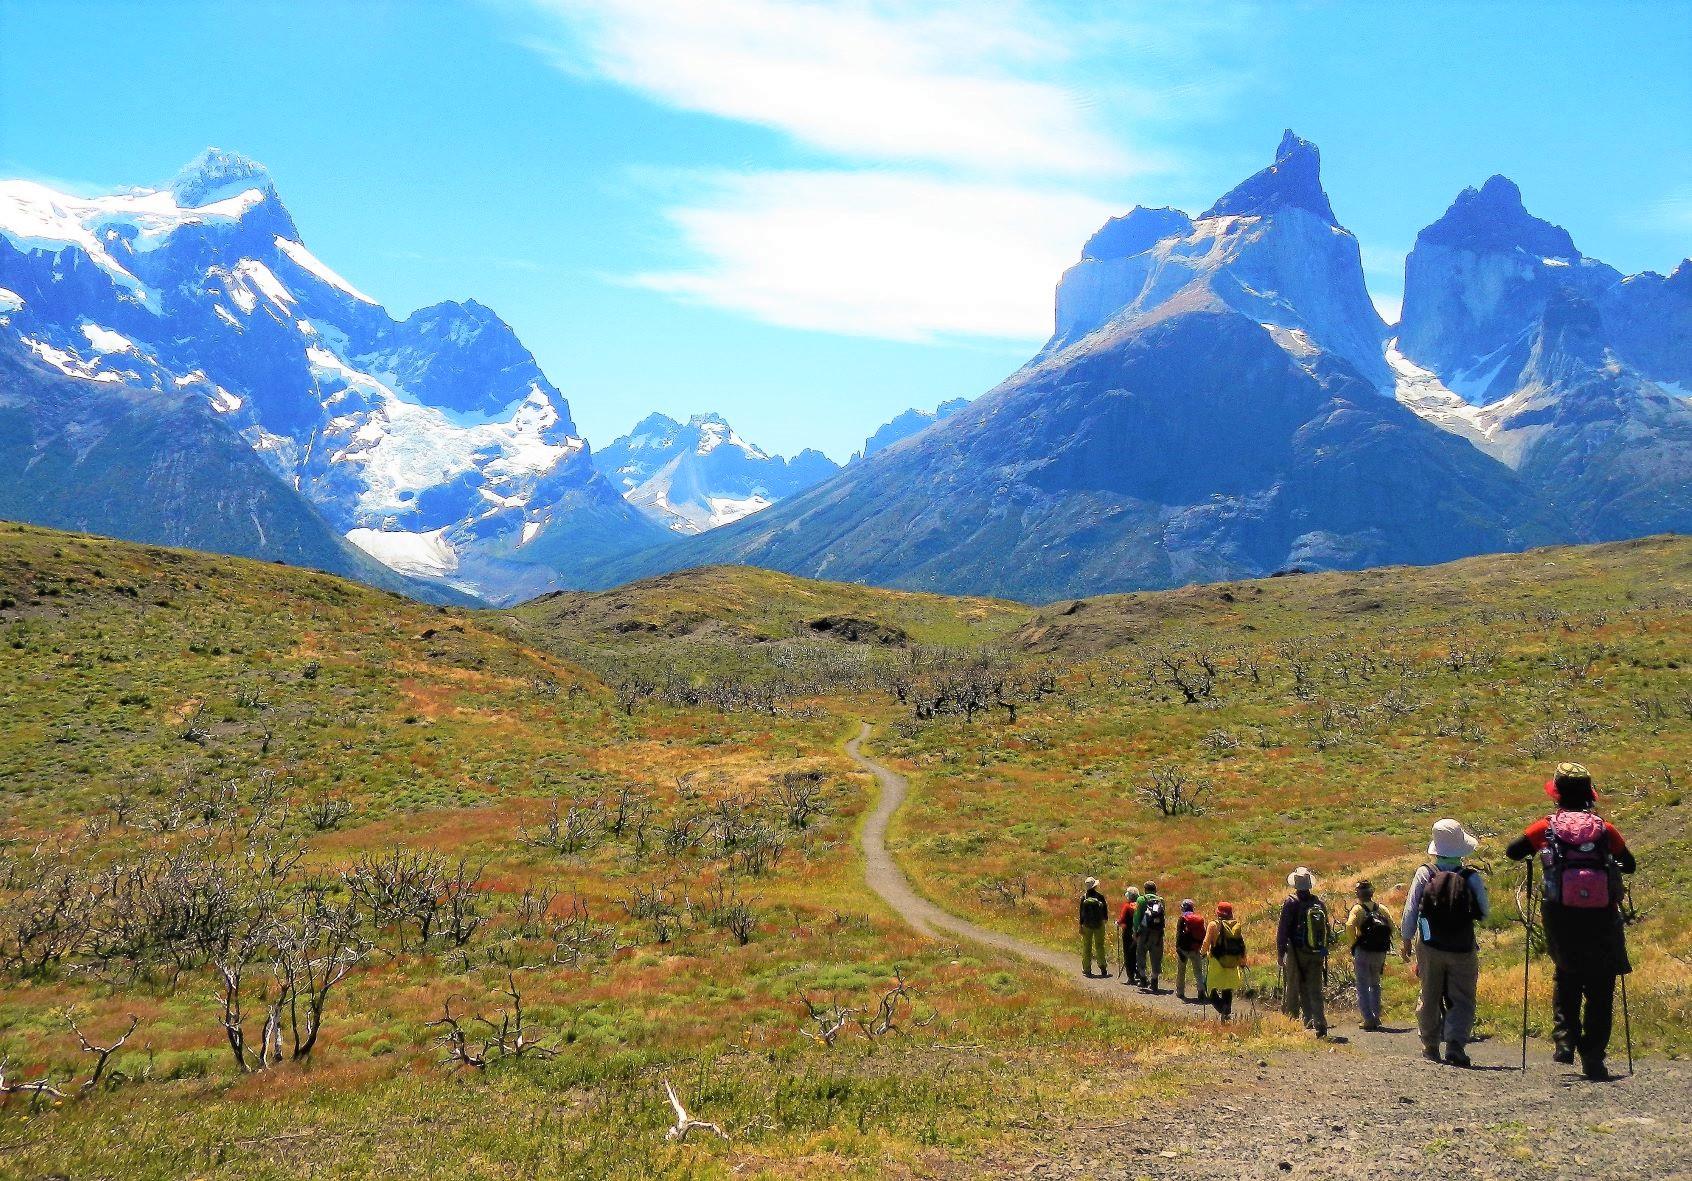 パタゴニア4つの名峰展望ハイキングとイグアス滝探訪 12日間